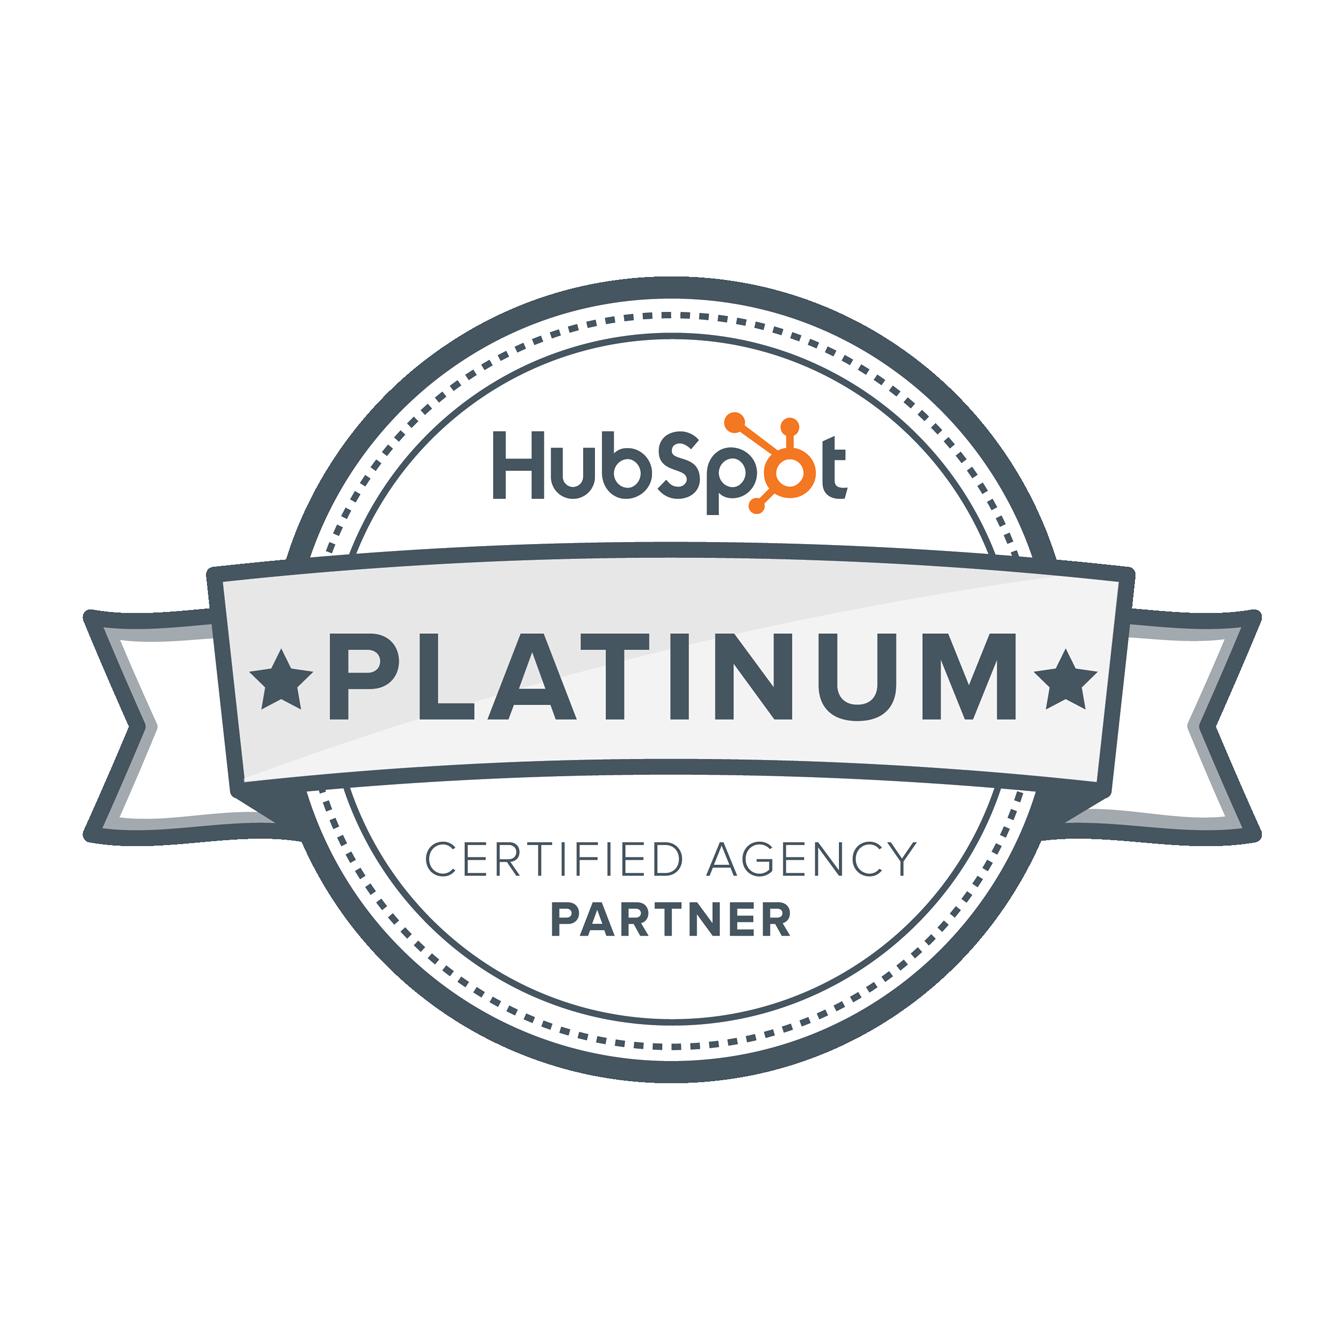 HubSpot Platinum Agency Milton Keynes